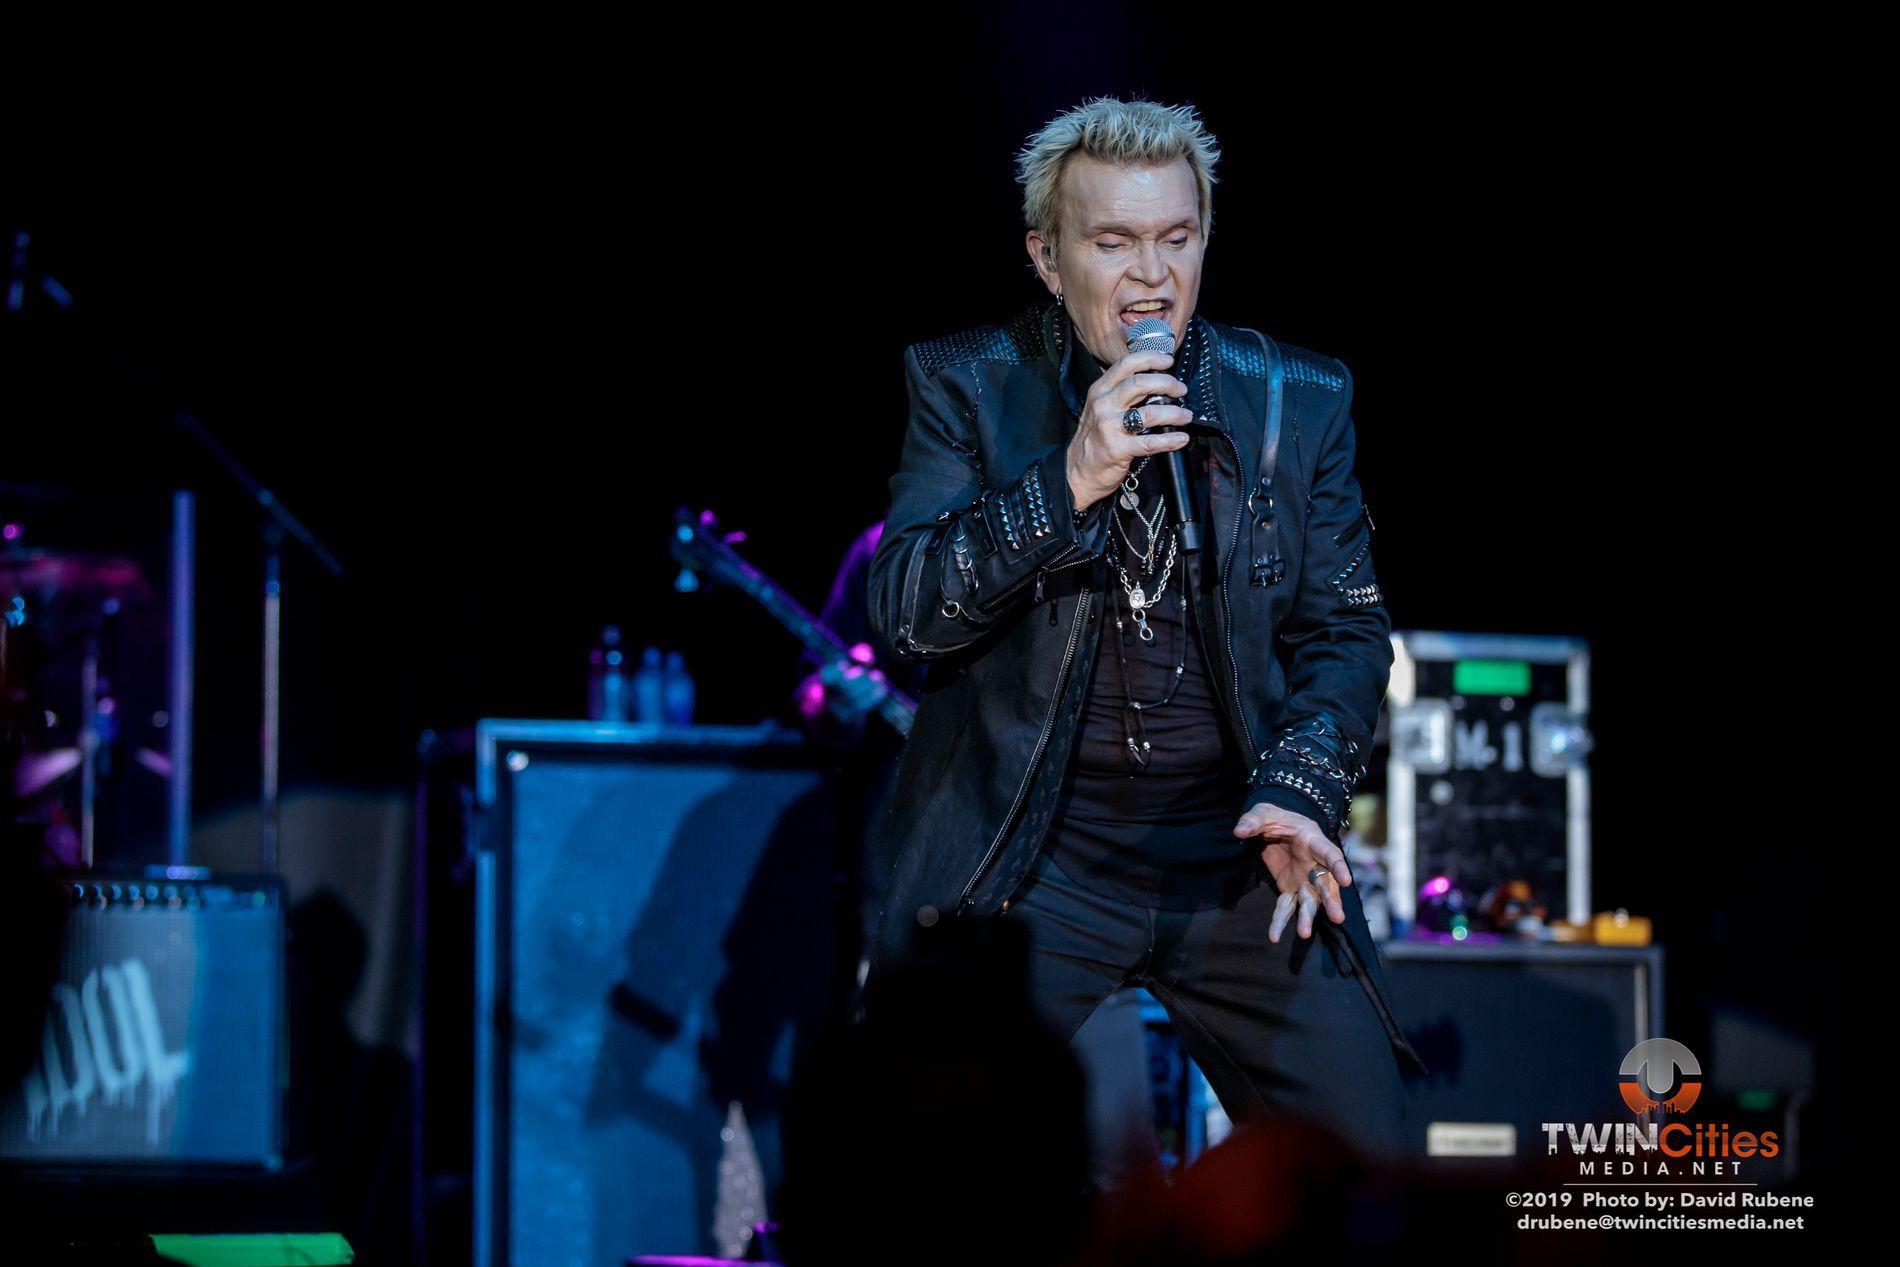 20190706-TCM-DRubene-Billy-Idol-126